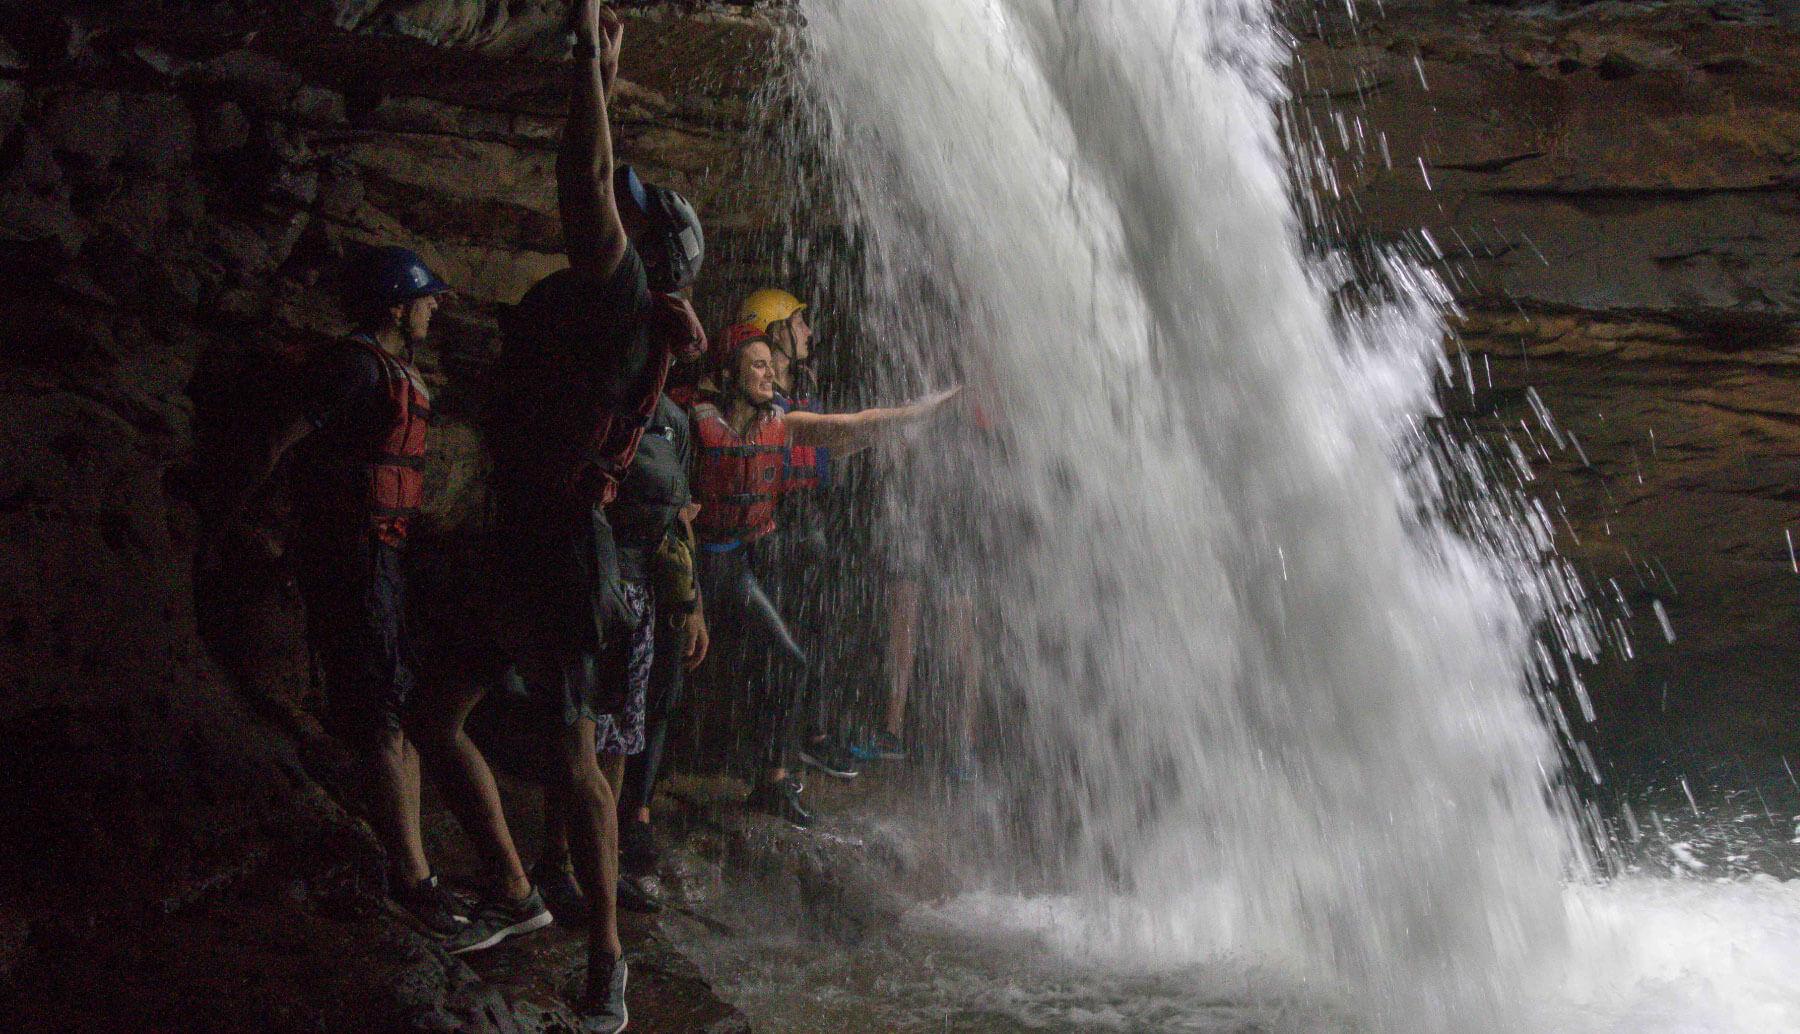 Waterfall of Gran Cañon